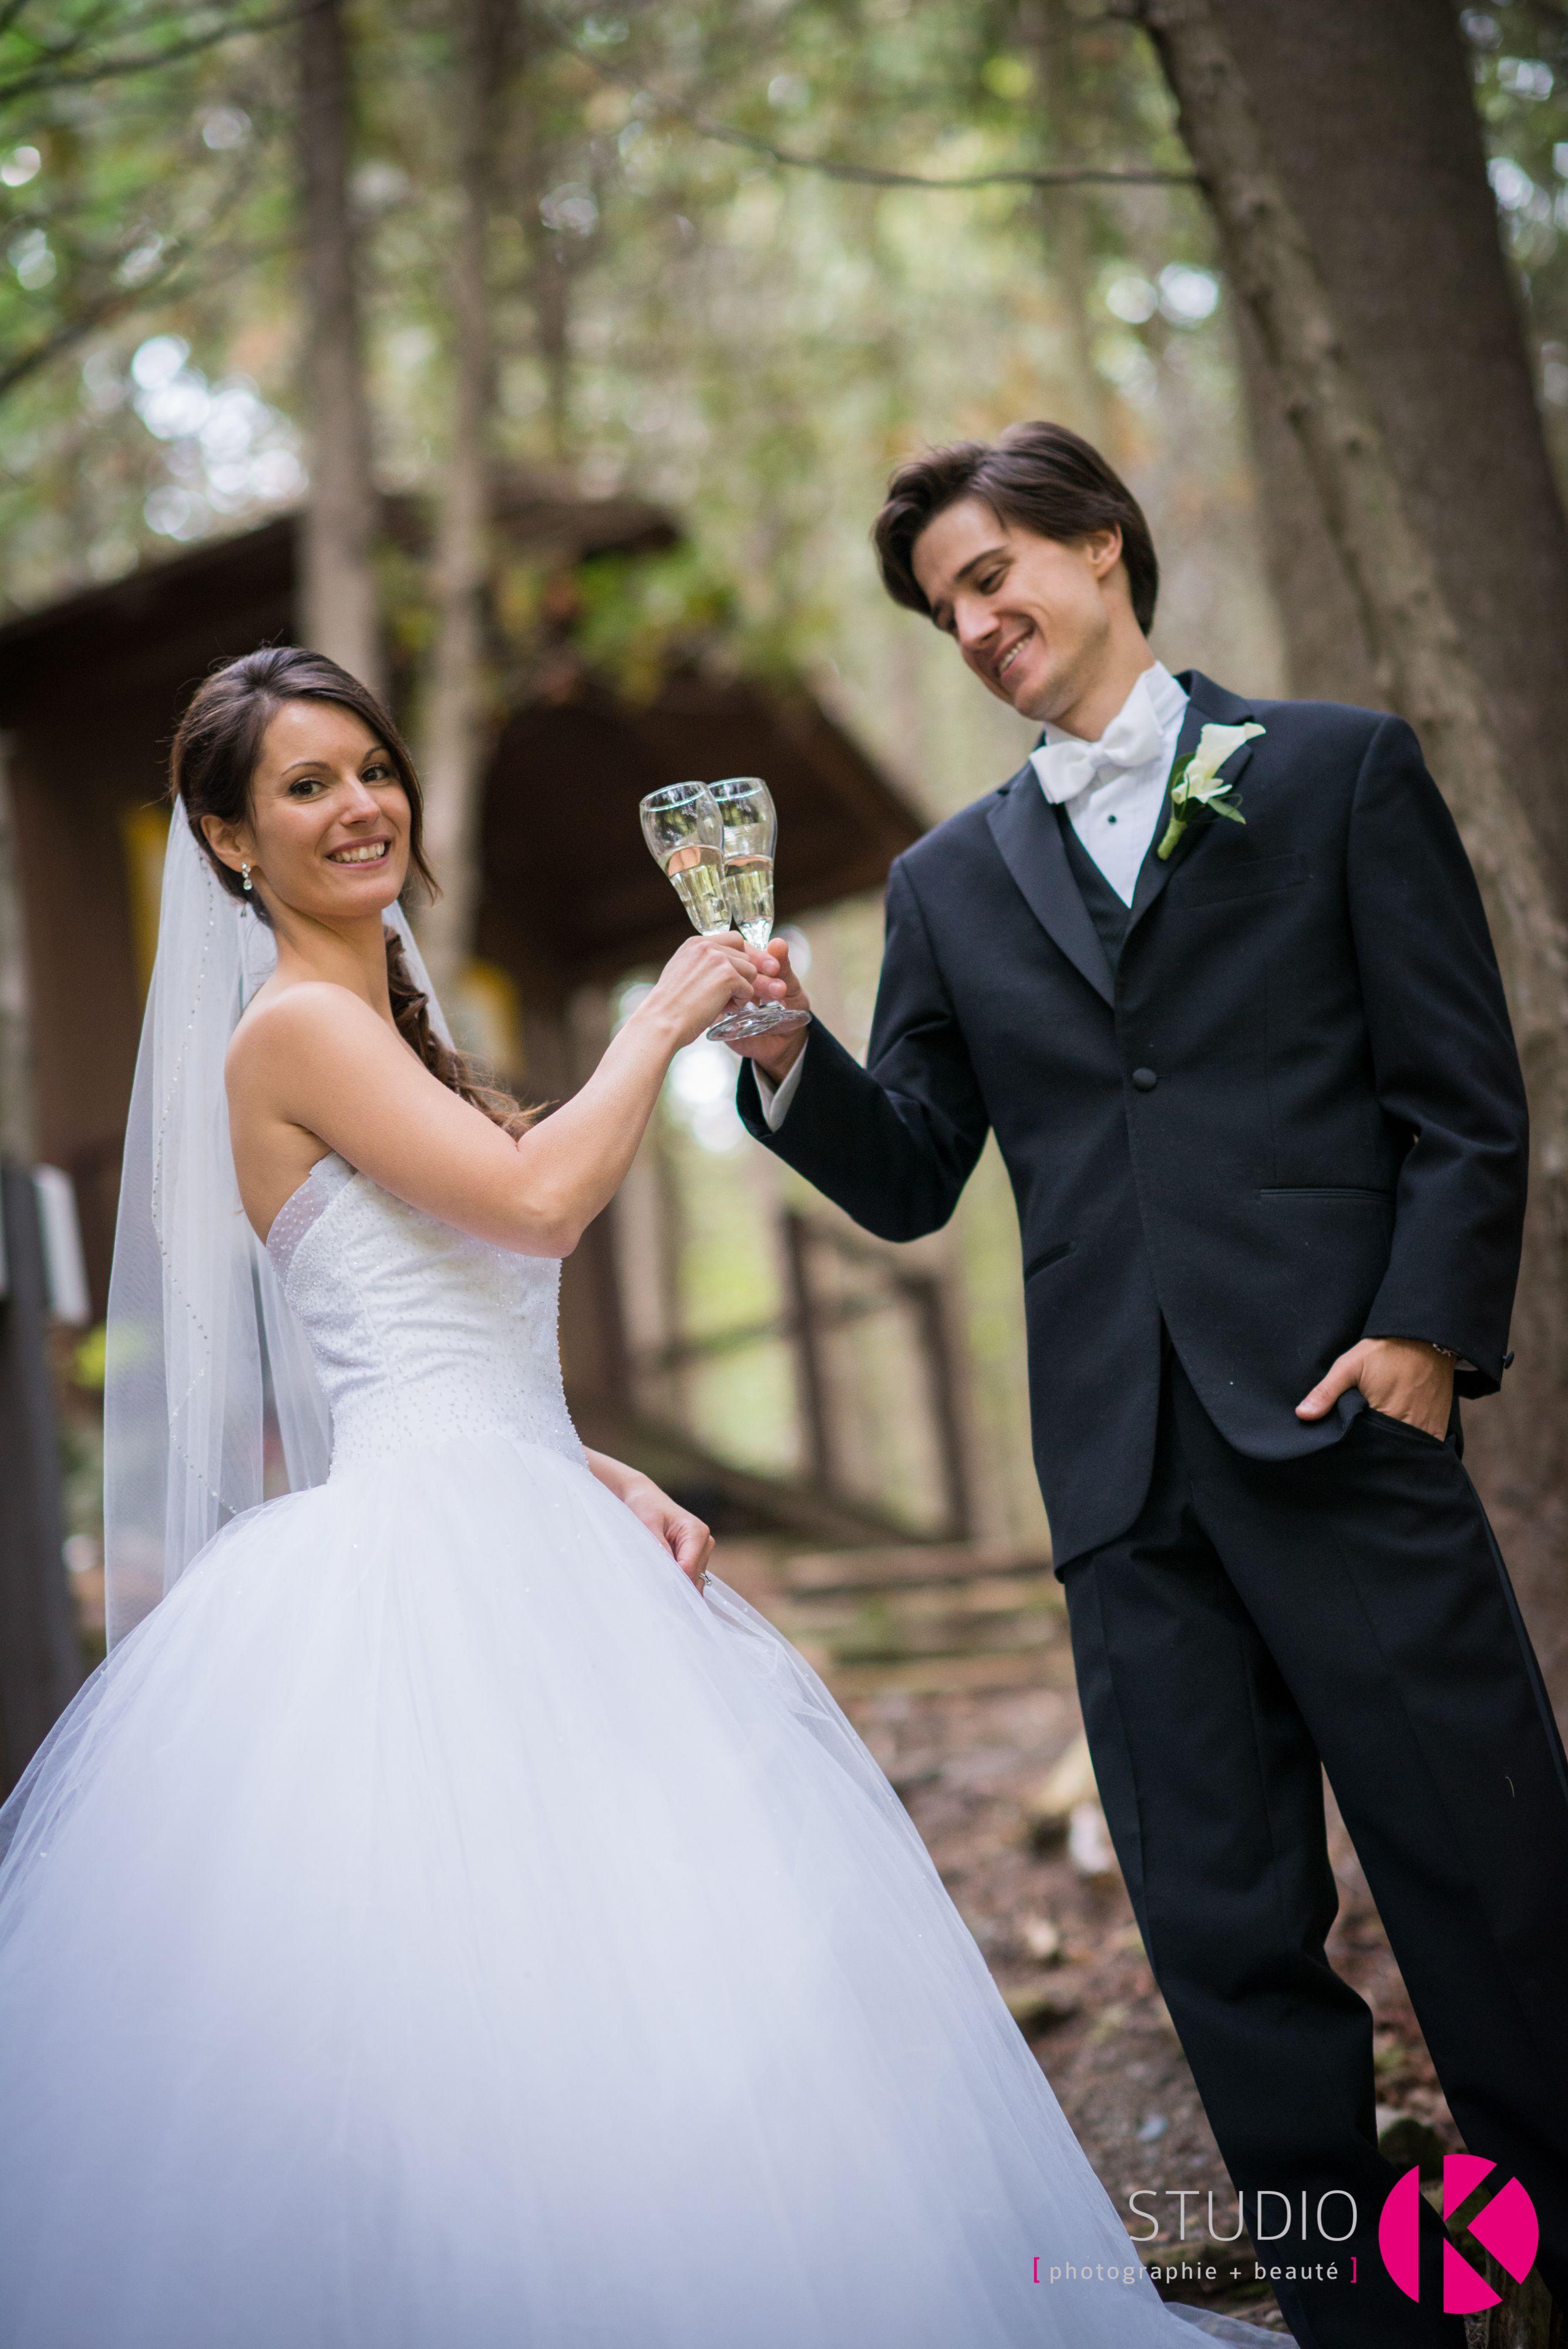 Découvrez les photographies de mariage du Studio K.